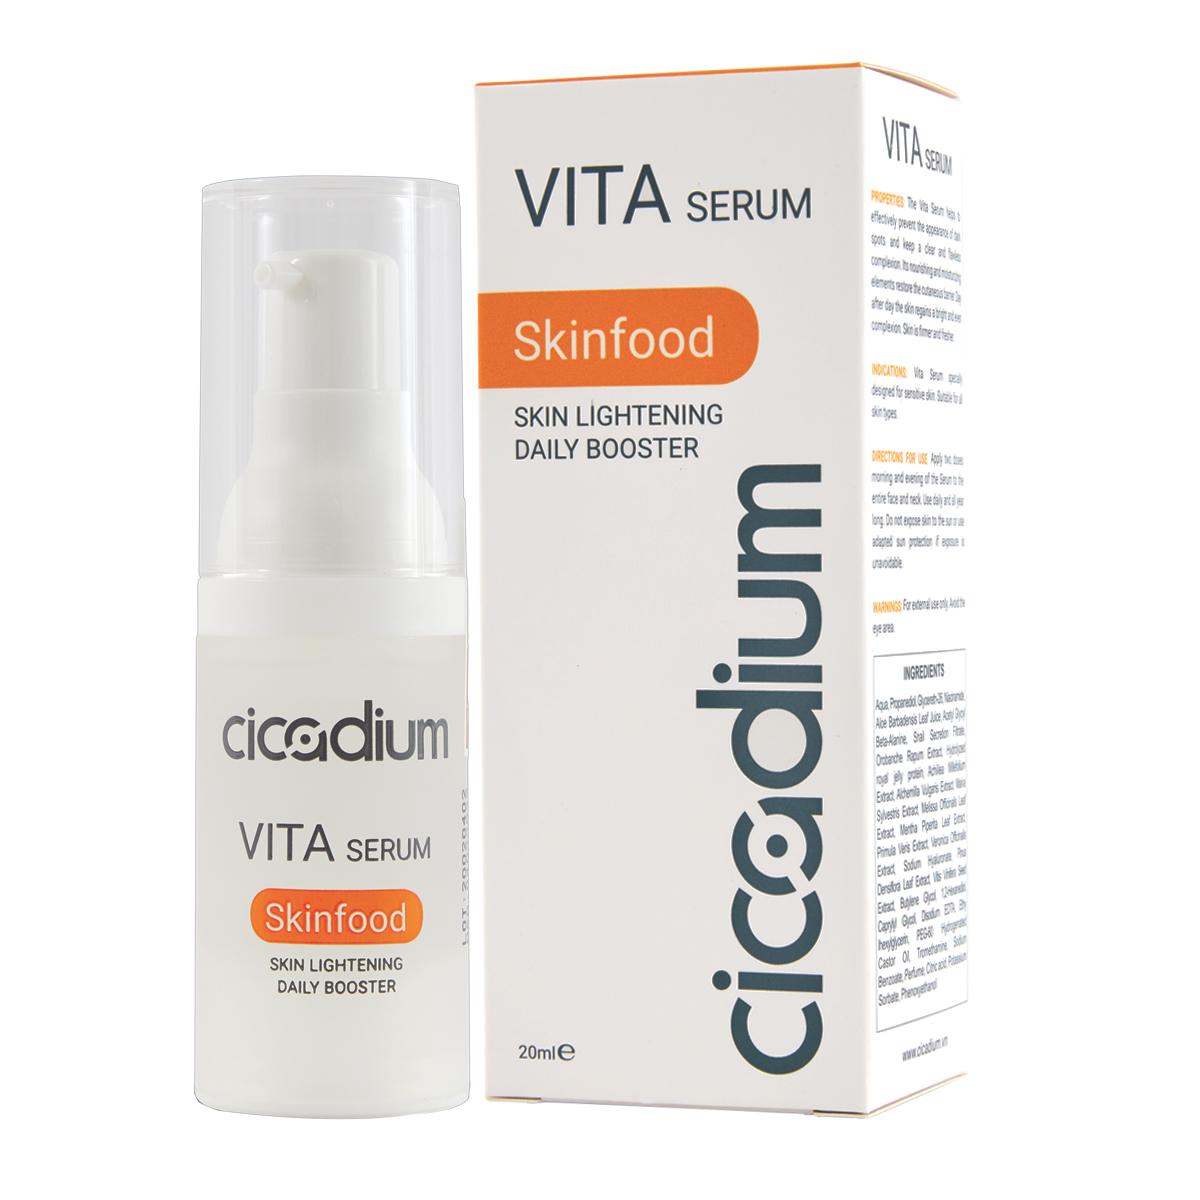 Bộ 3 sản phẩm dưỡng da trắng khoẻ và ngăn ngừa lão hoá Cicadium